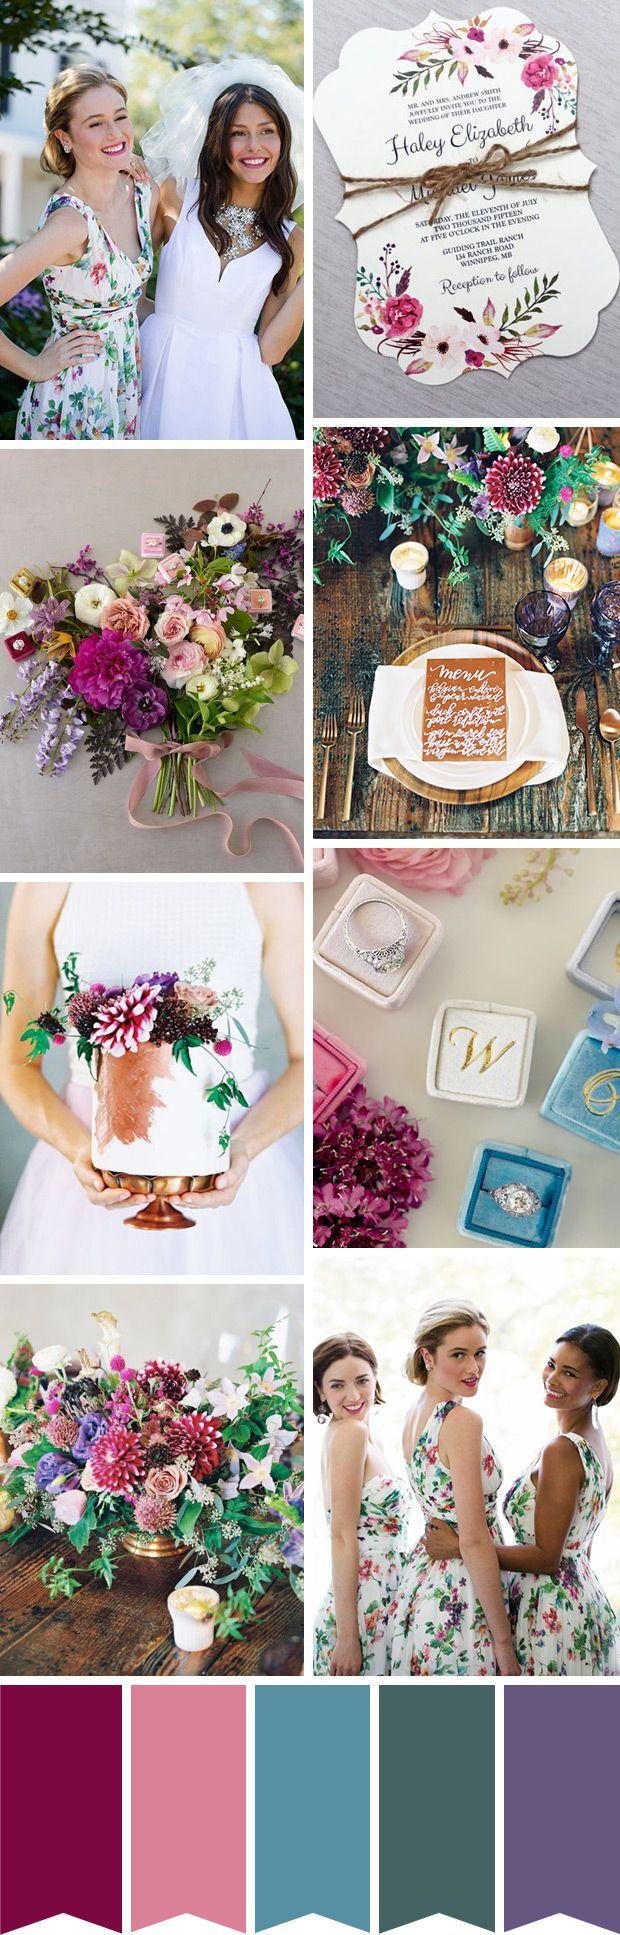 366 best Wedding Color Palettes images on Pinterest   Wedding color ...